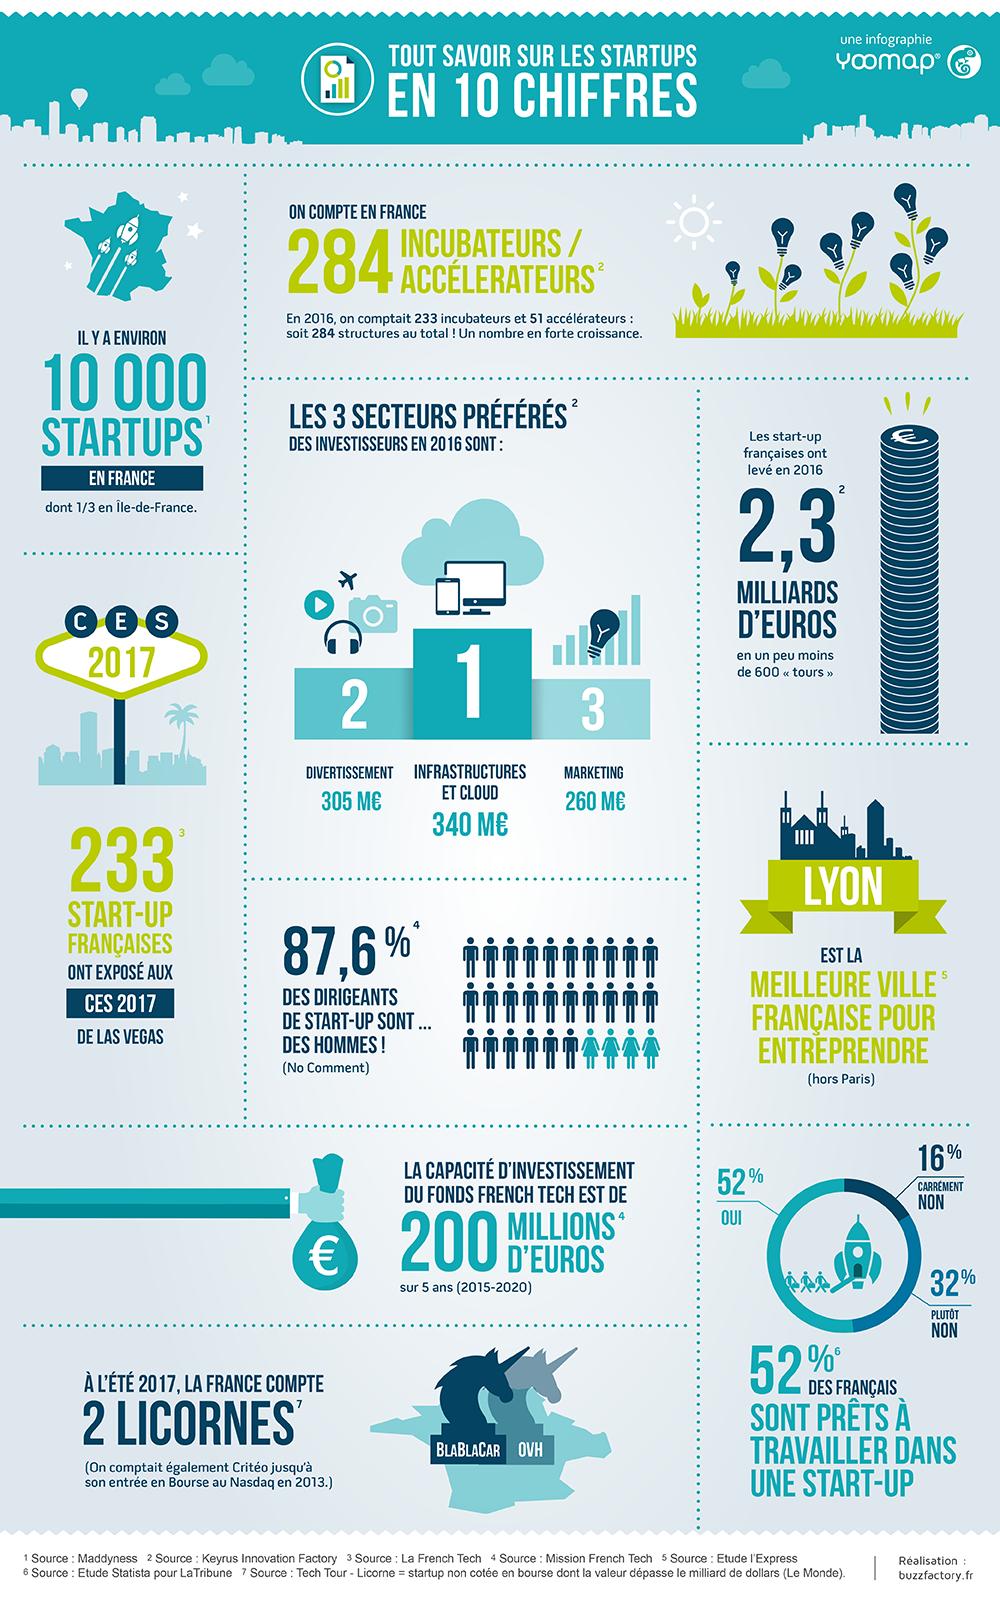 chiffres clés sur les startups françaises